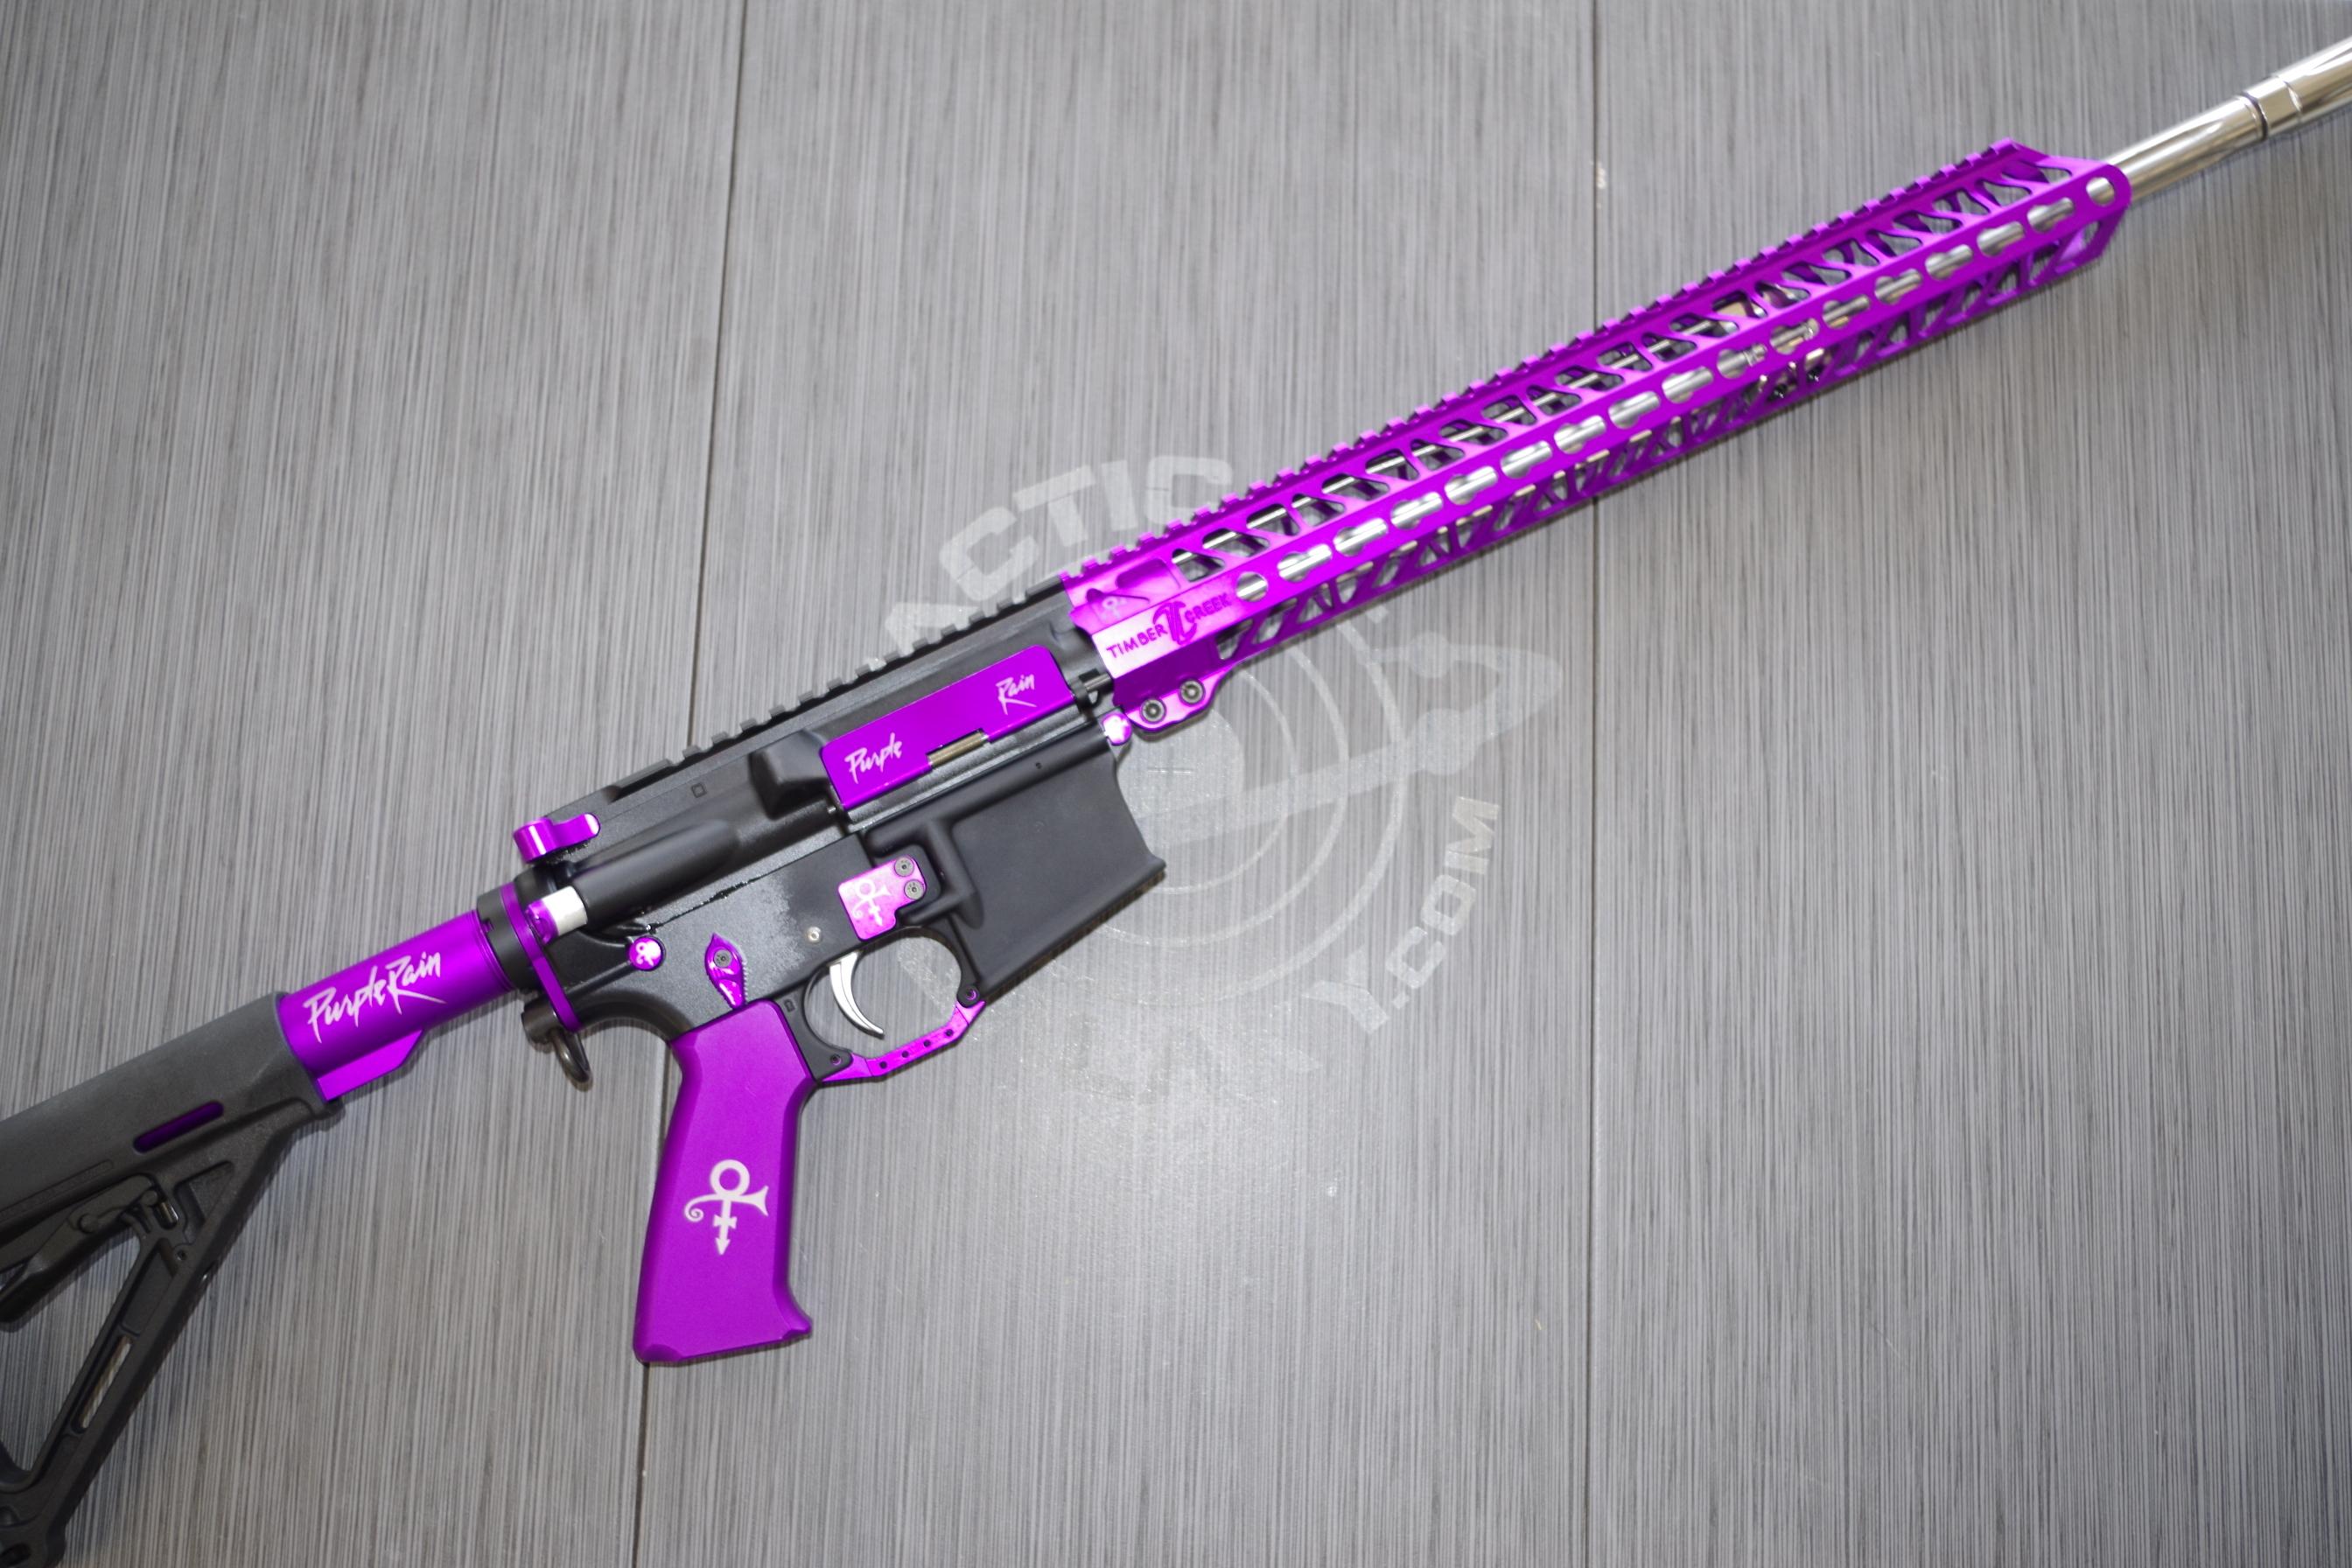 PURPLE ANODIZED AR-15 GUN PARTS